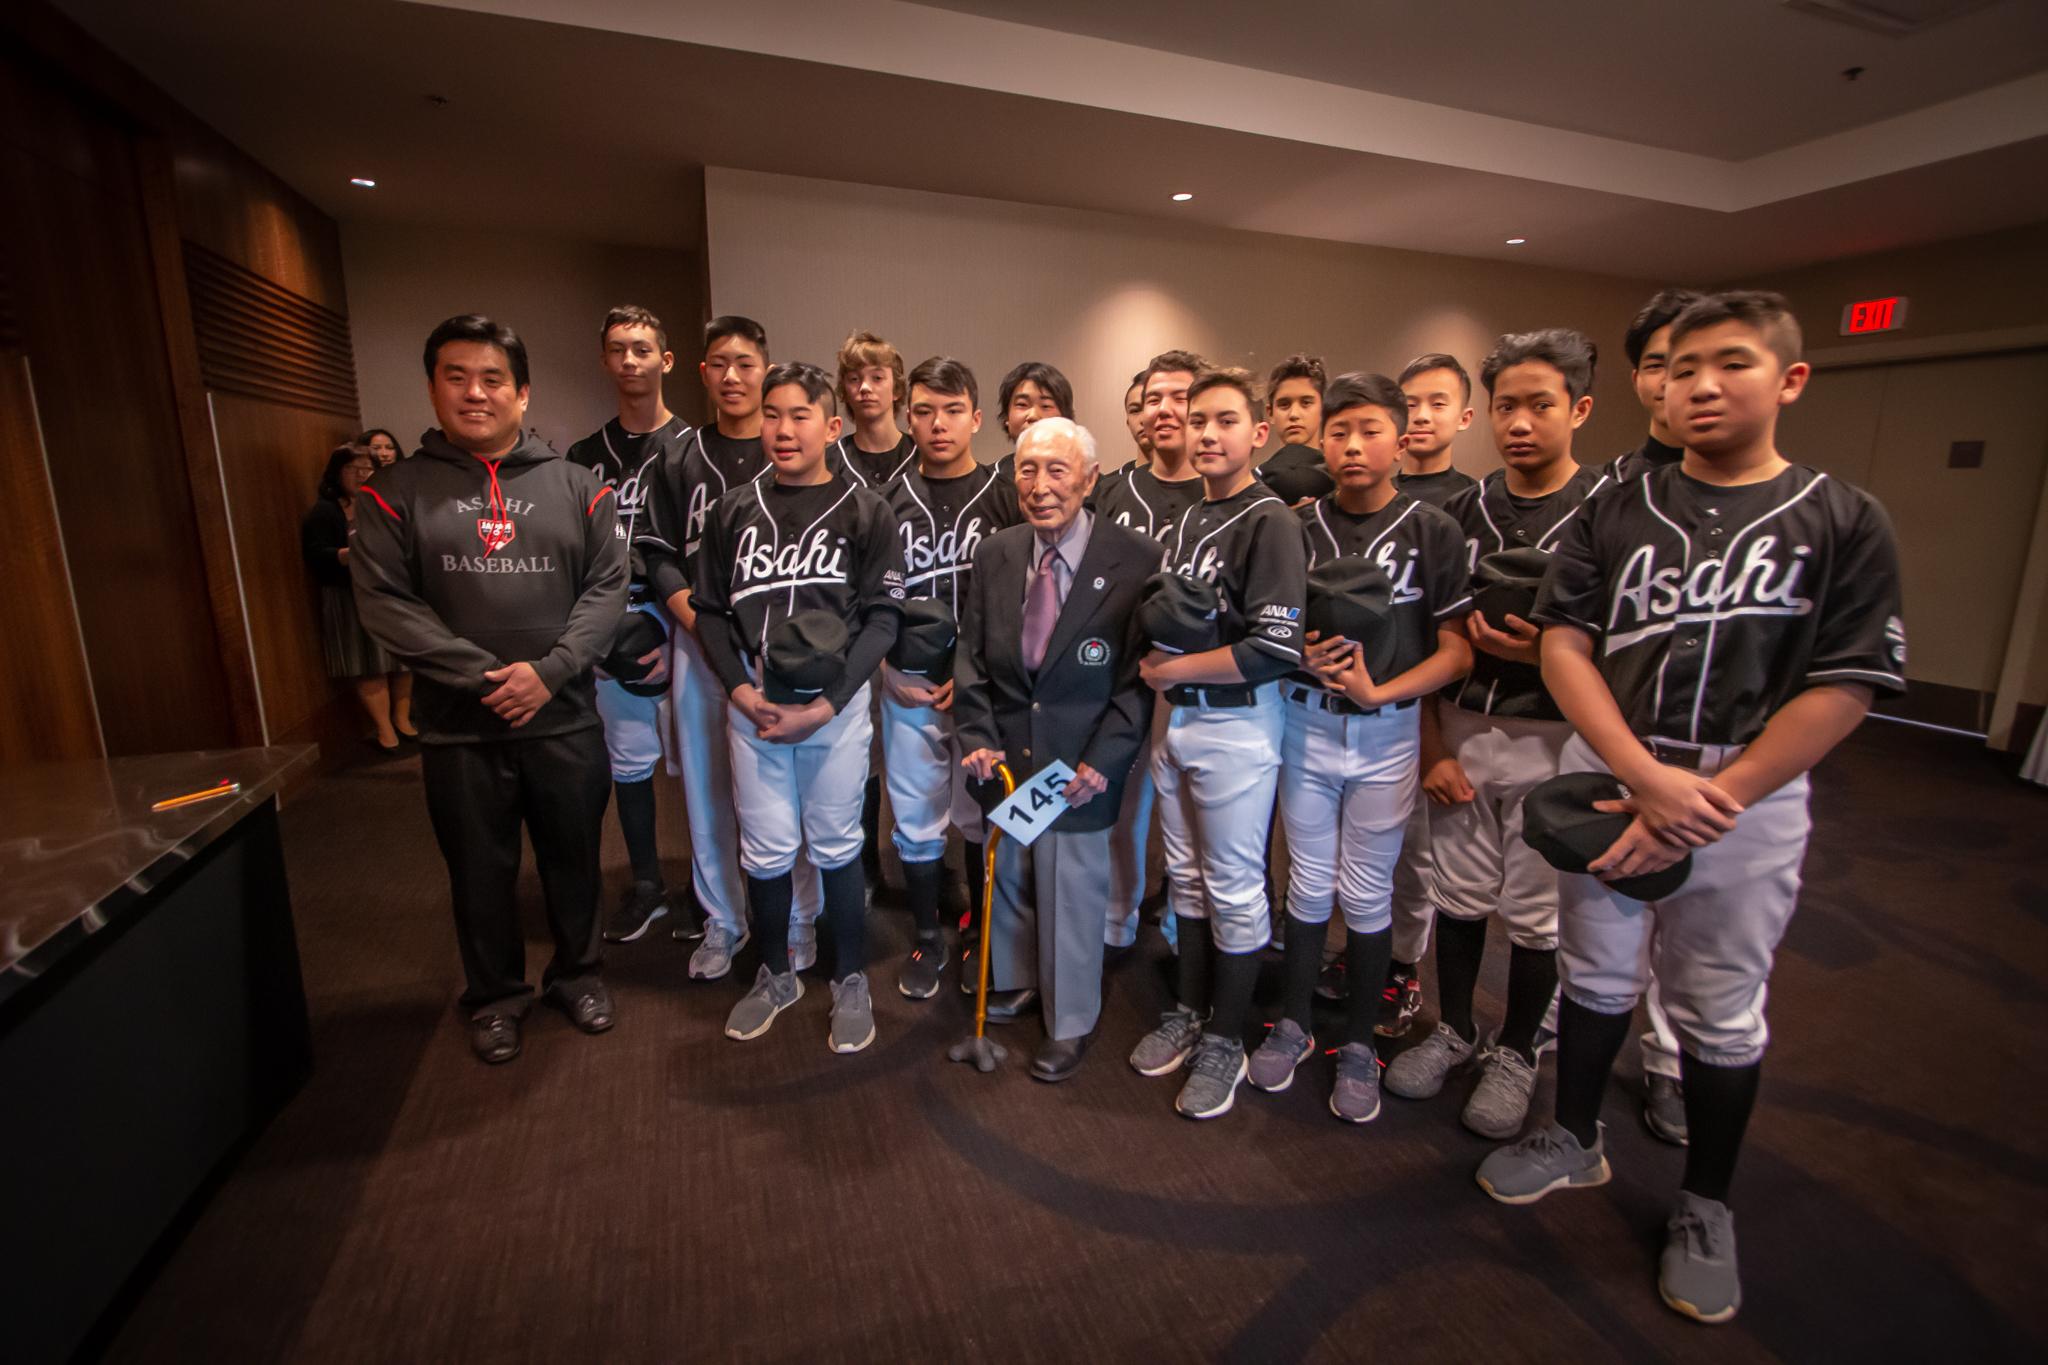 Shin Asahi team with Kaye